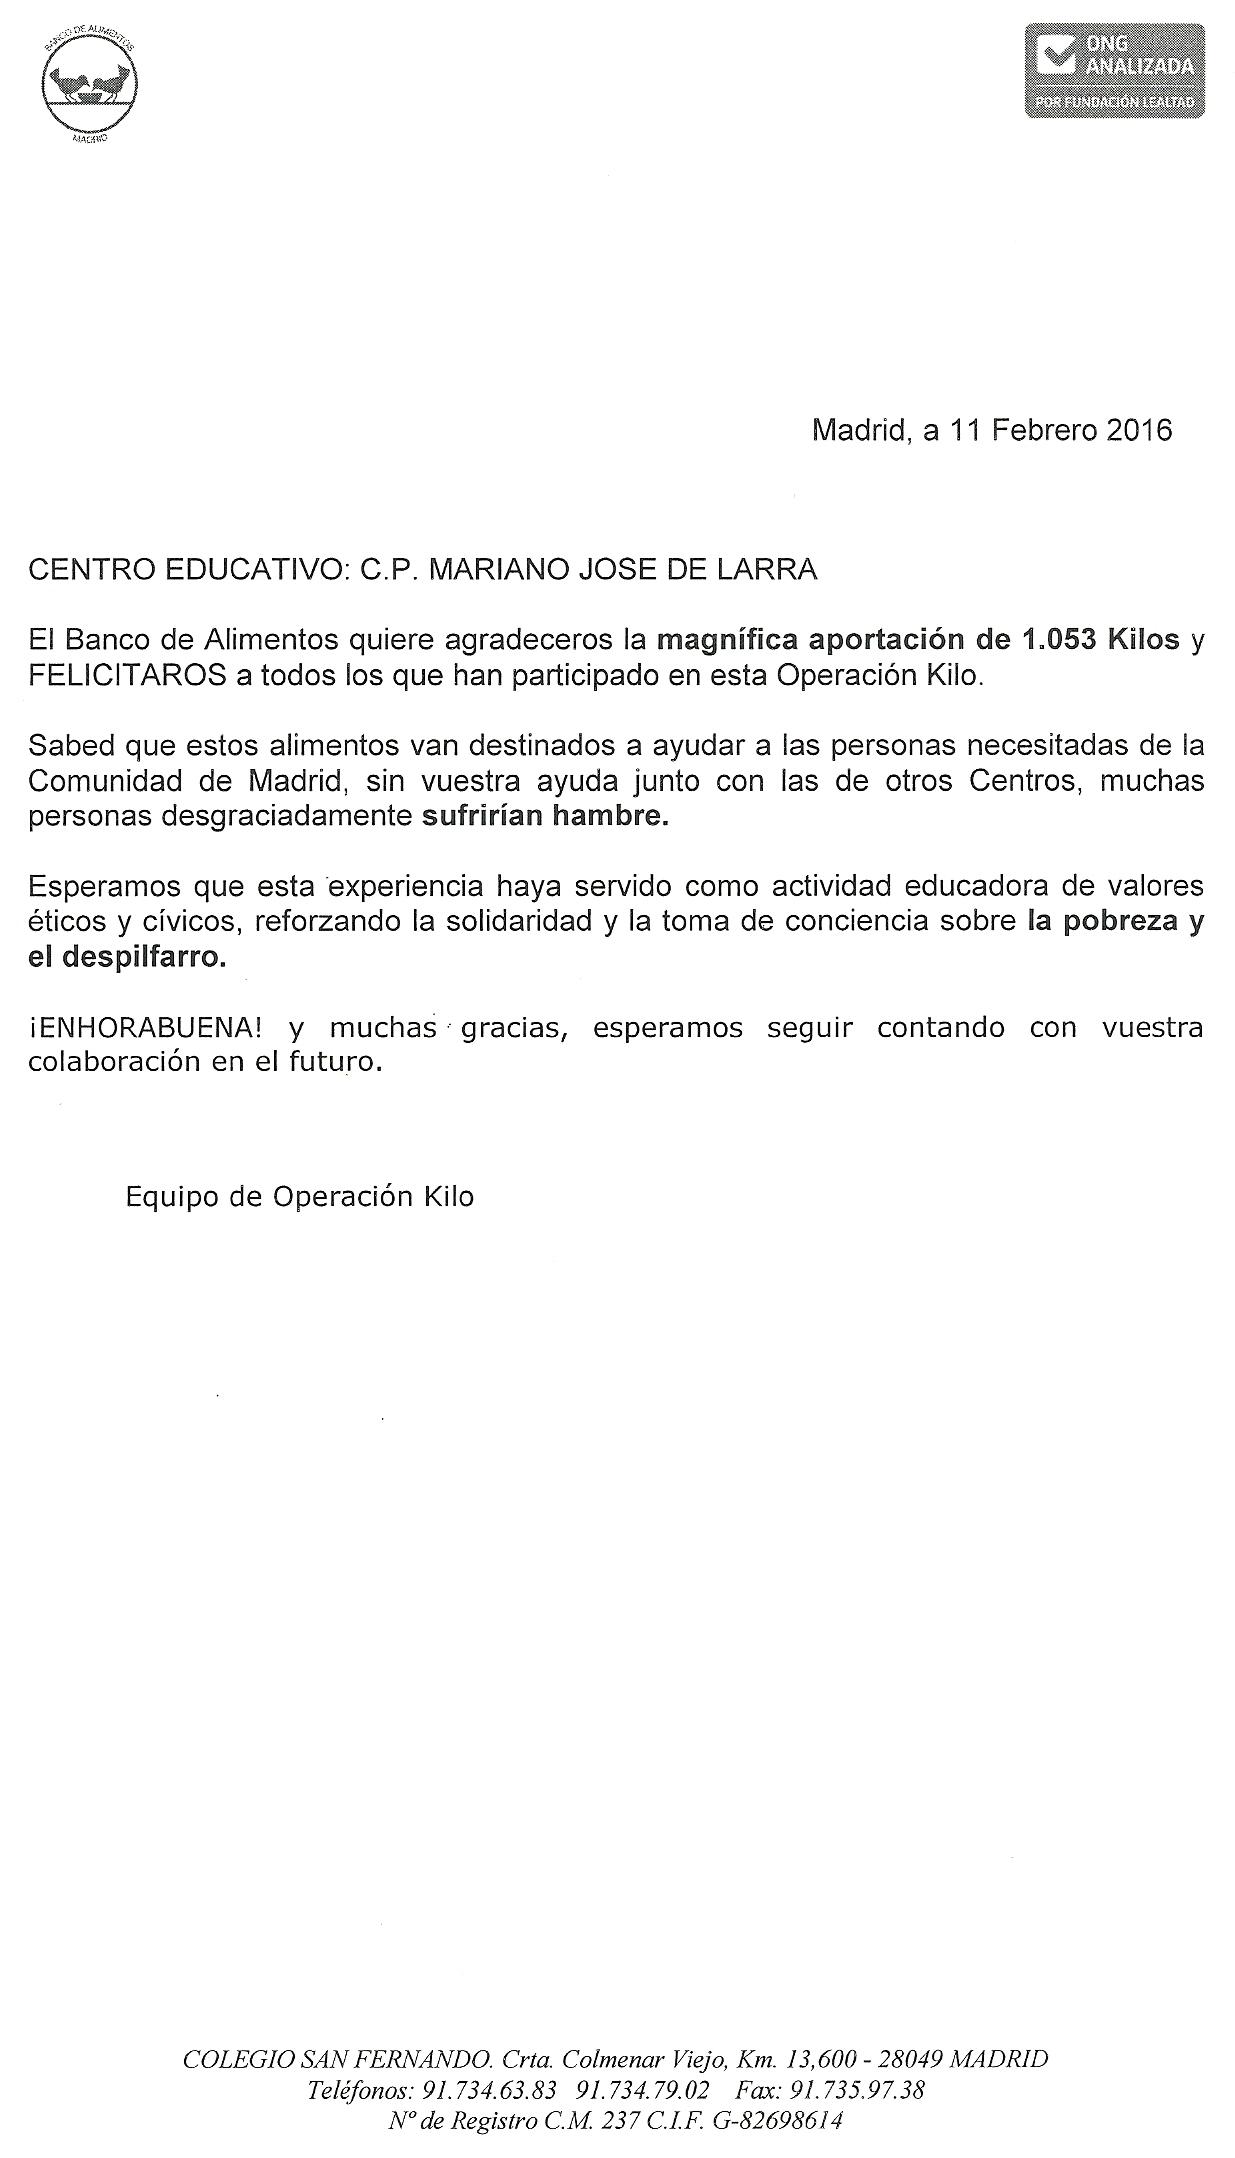 CERTIFICADO DE RECOGIDA DE ALIMENTOS